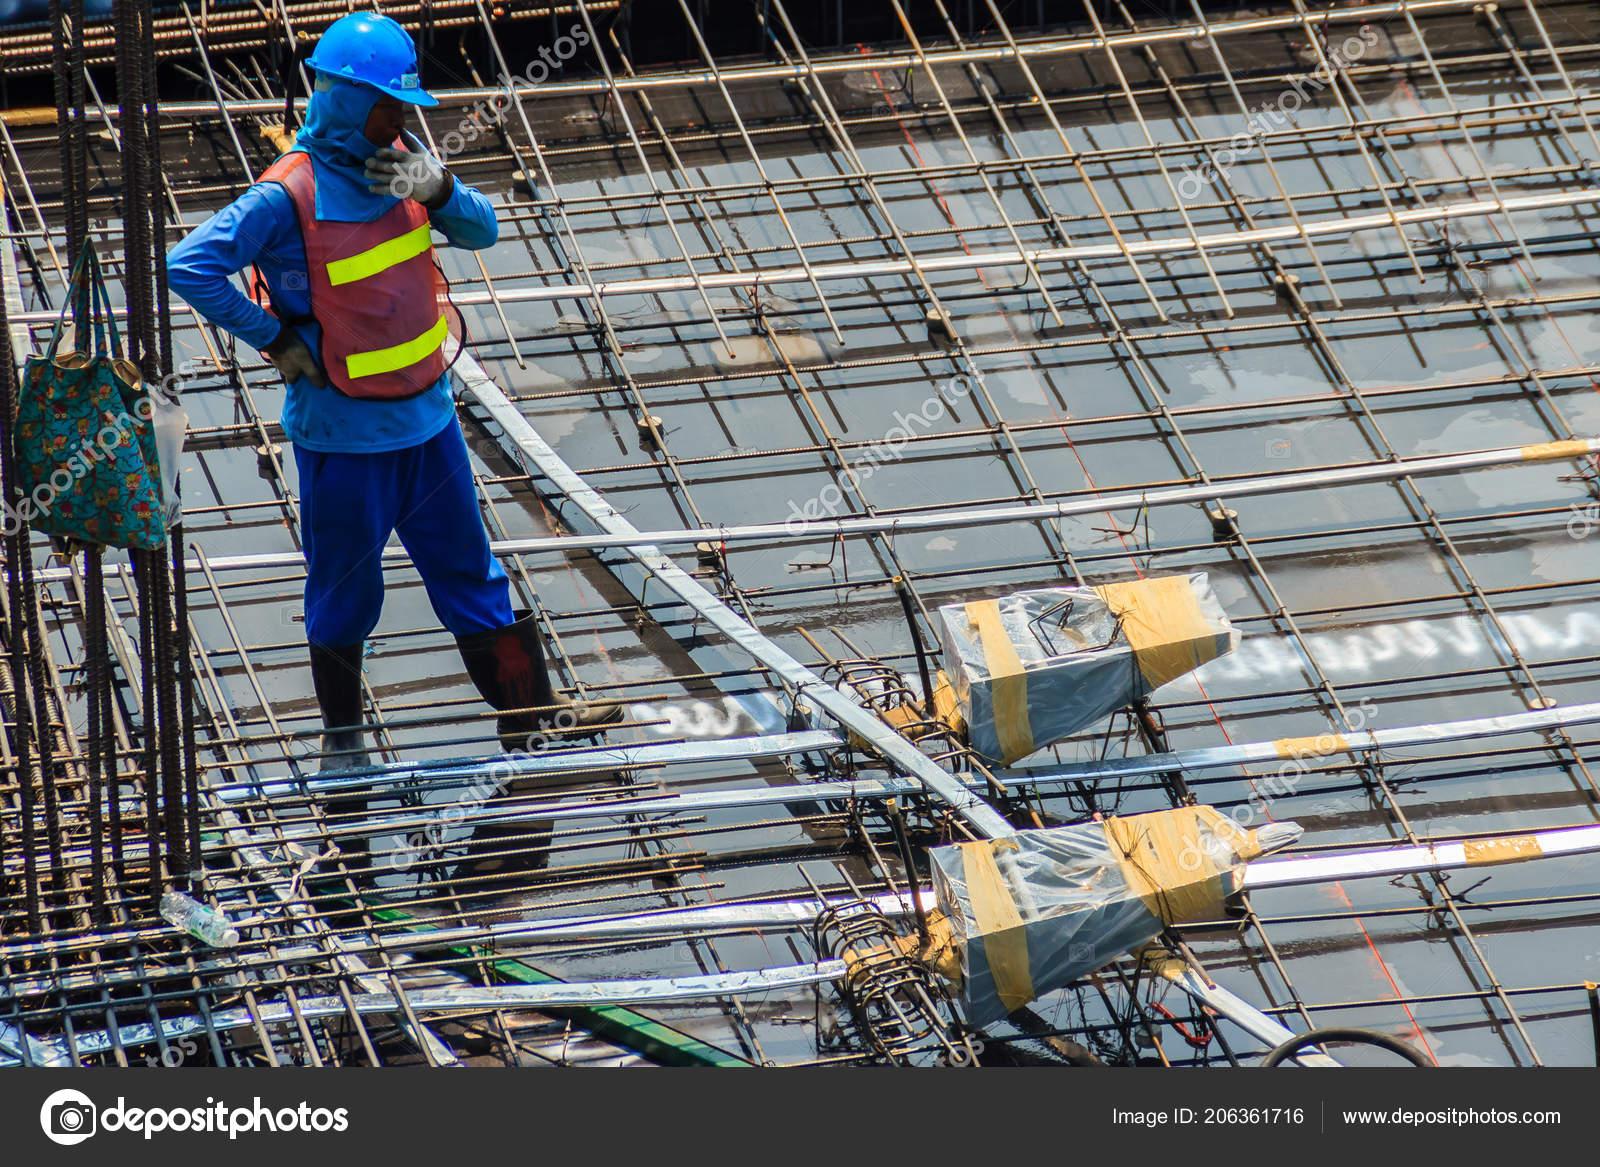 Unidentified Worker Used High Pressure Machine Clean Floor Slab